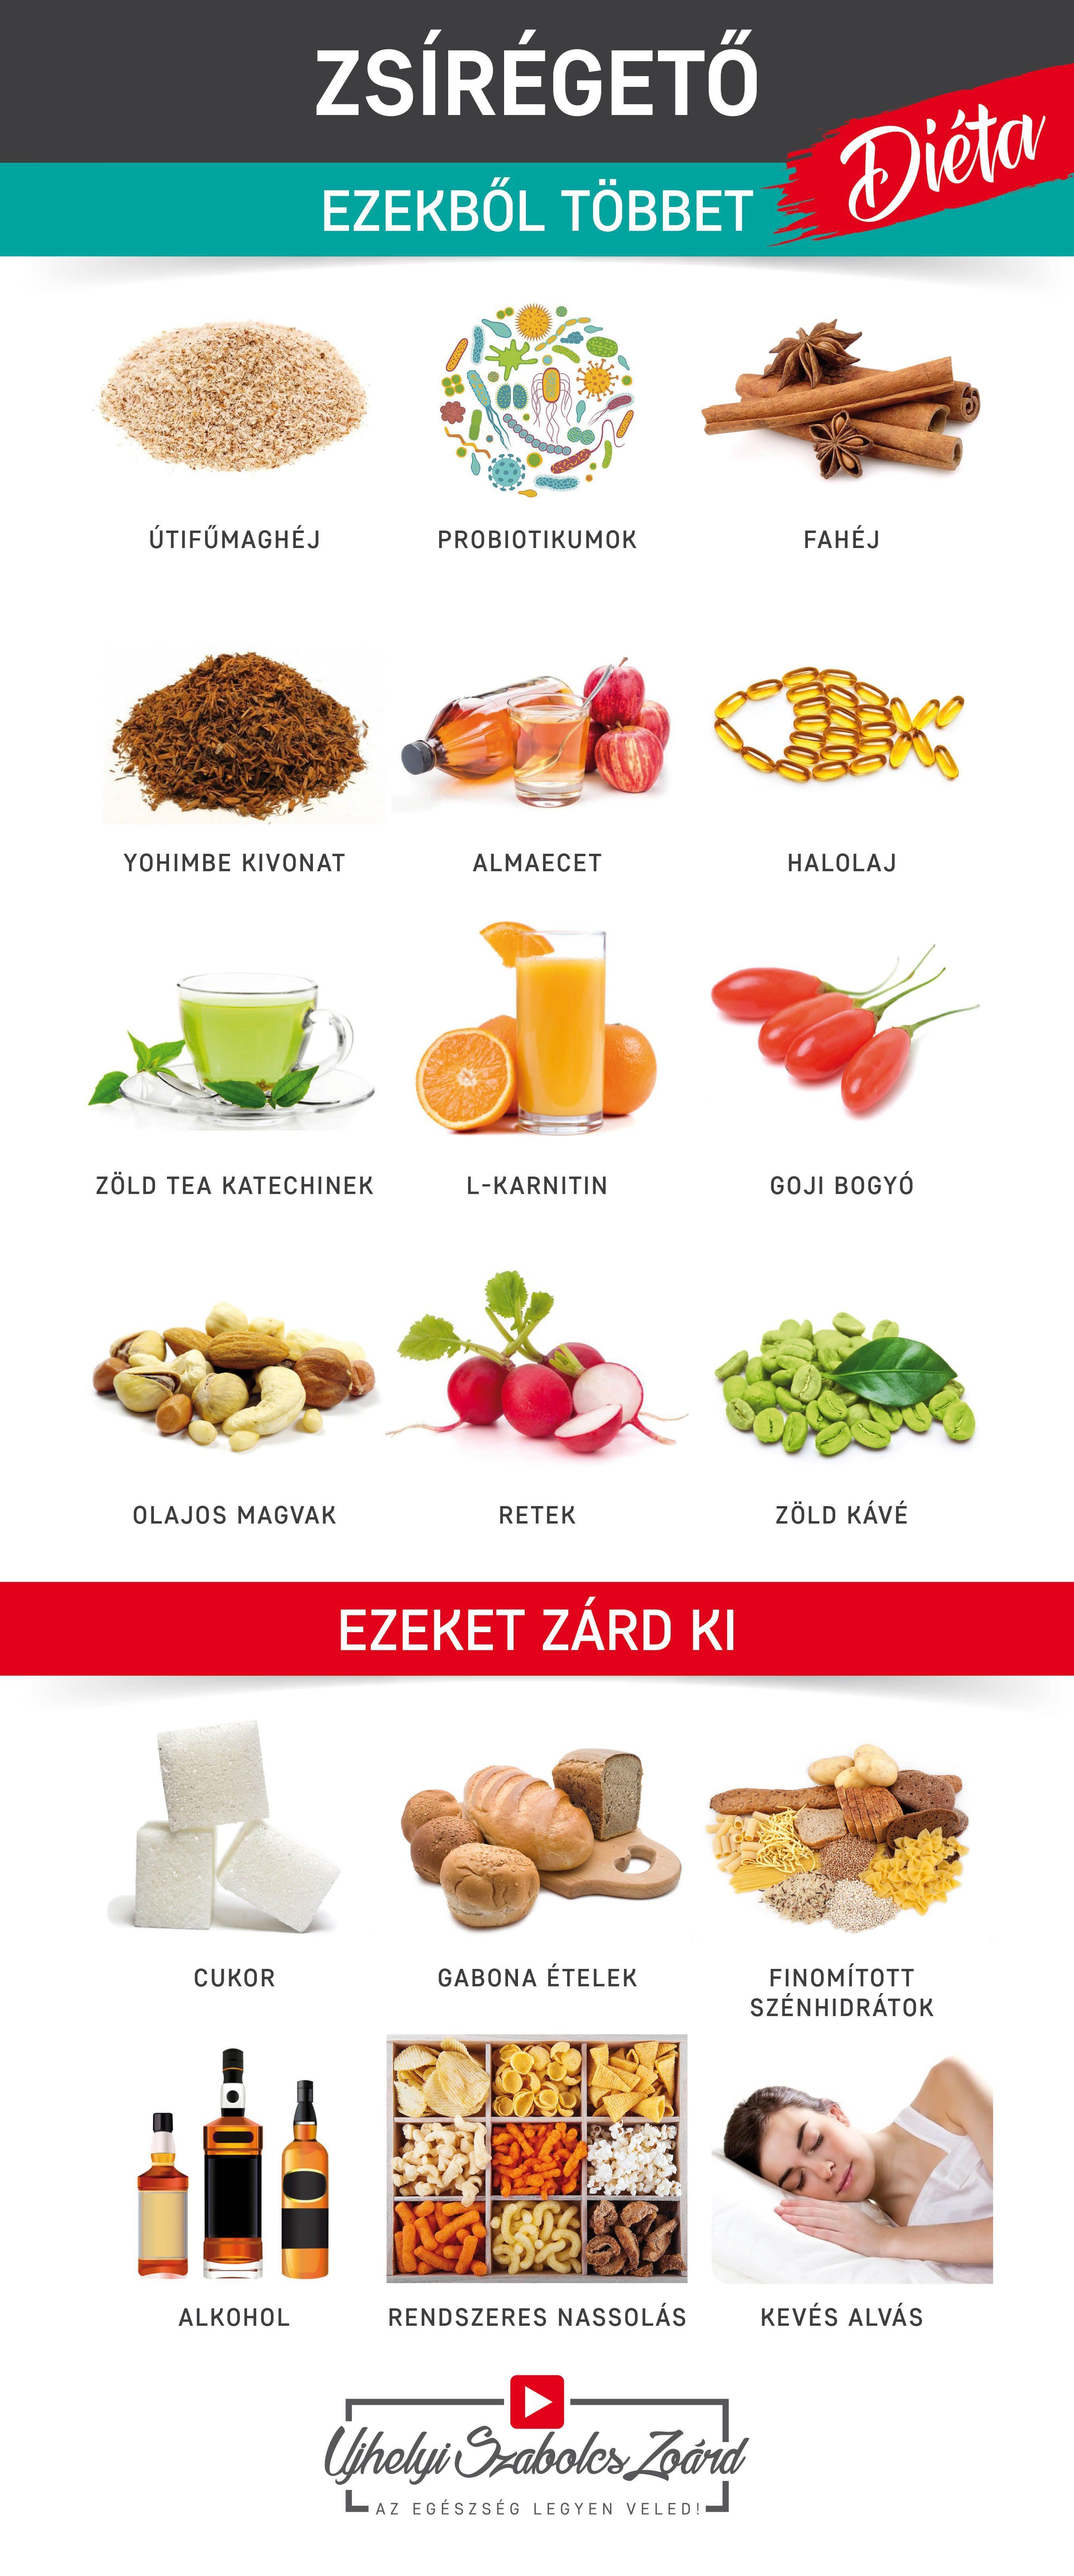 egészséges ételek receptjei egészséges ételekhez magas vérnyomás esetén)